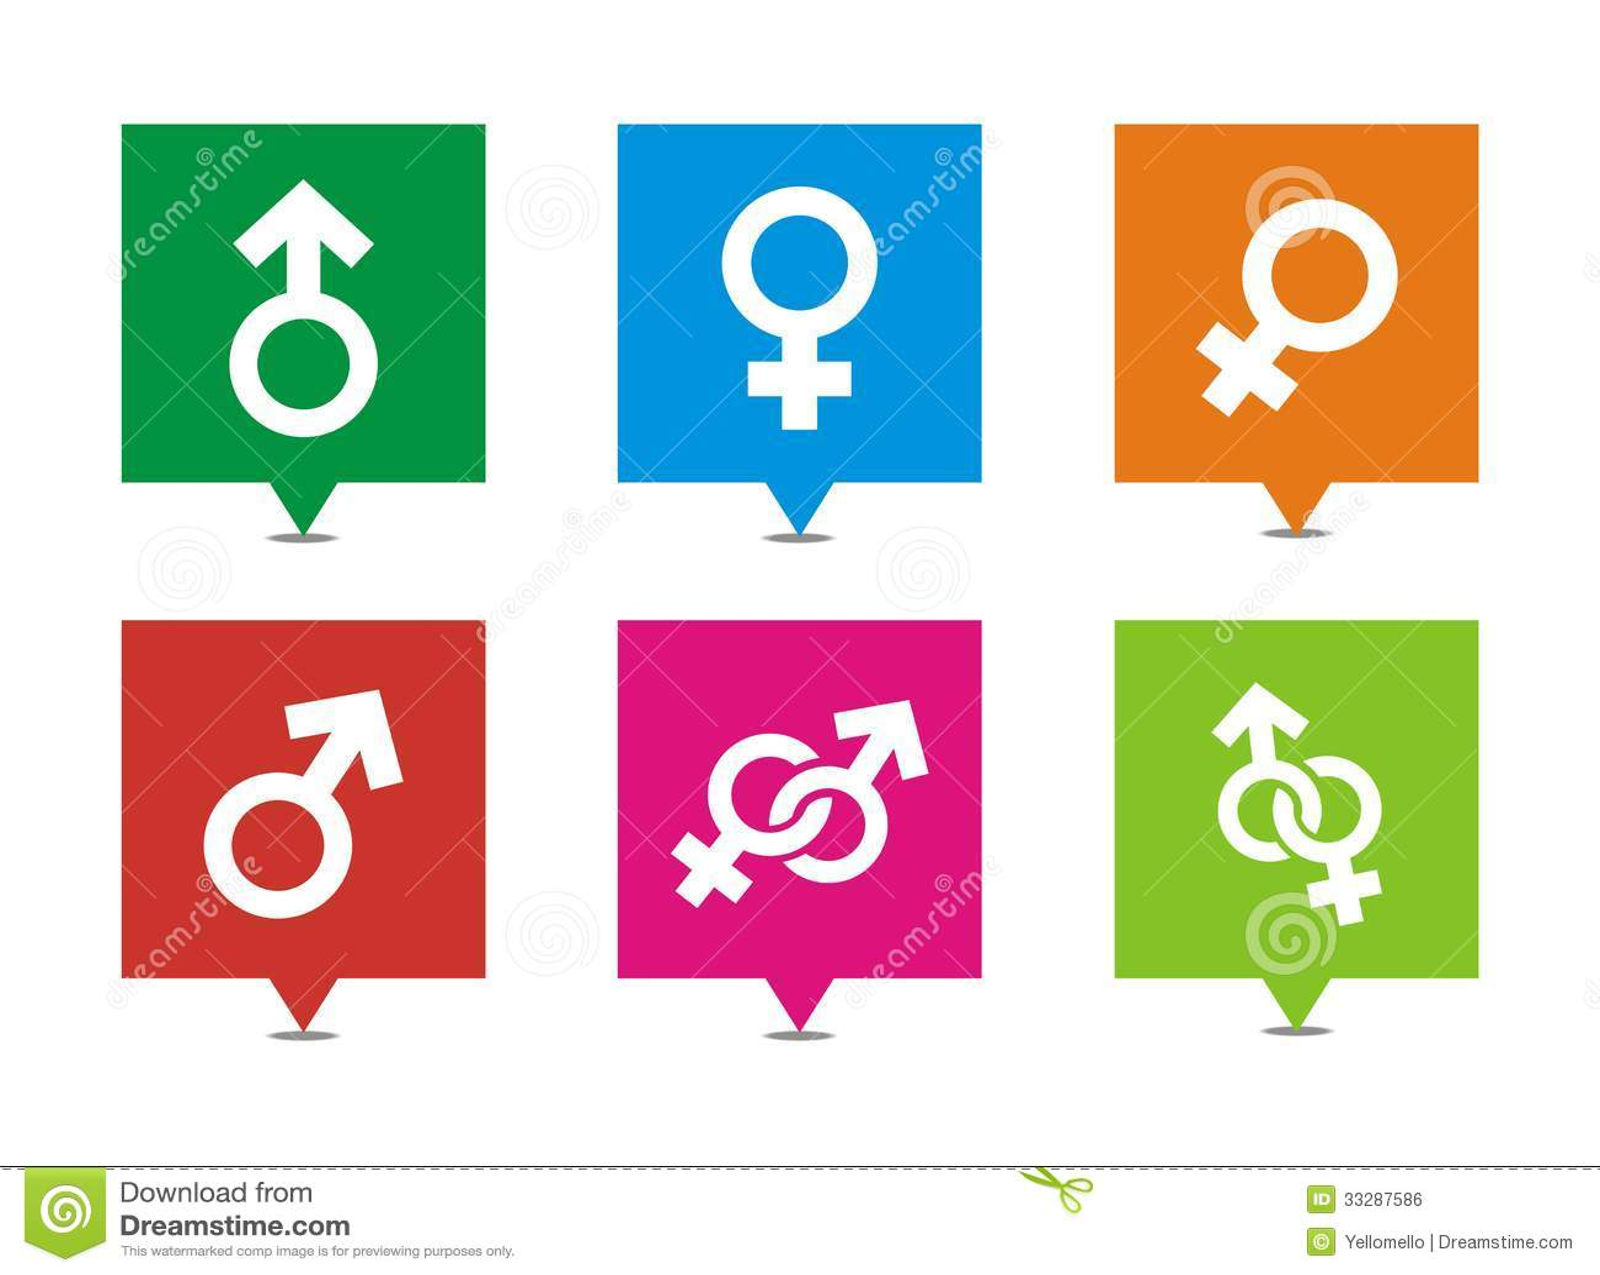 Male female symbols - square pointers